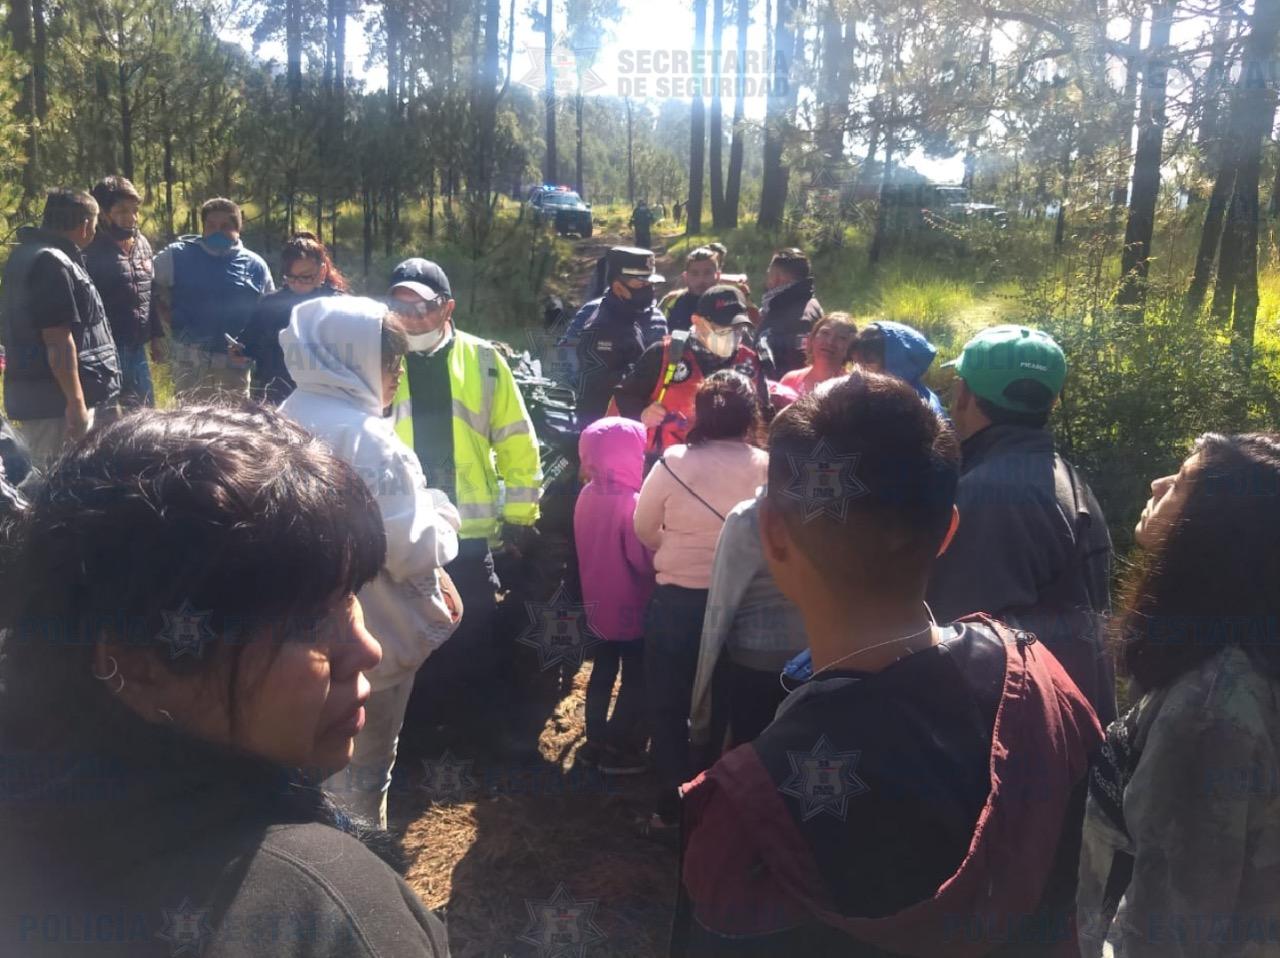 Grupos de búsqueda y rescate de la secretaría de seguridad, localizan a paseantes extraviados en los bosques de la marquesa